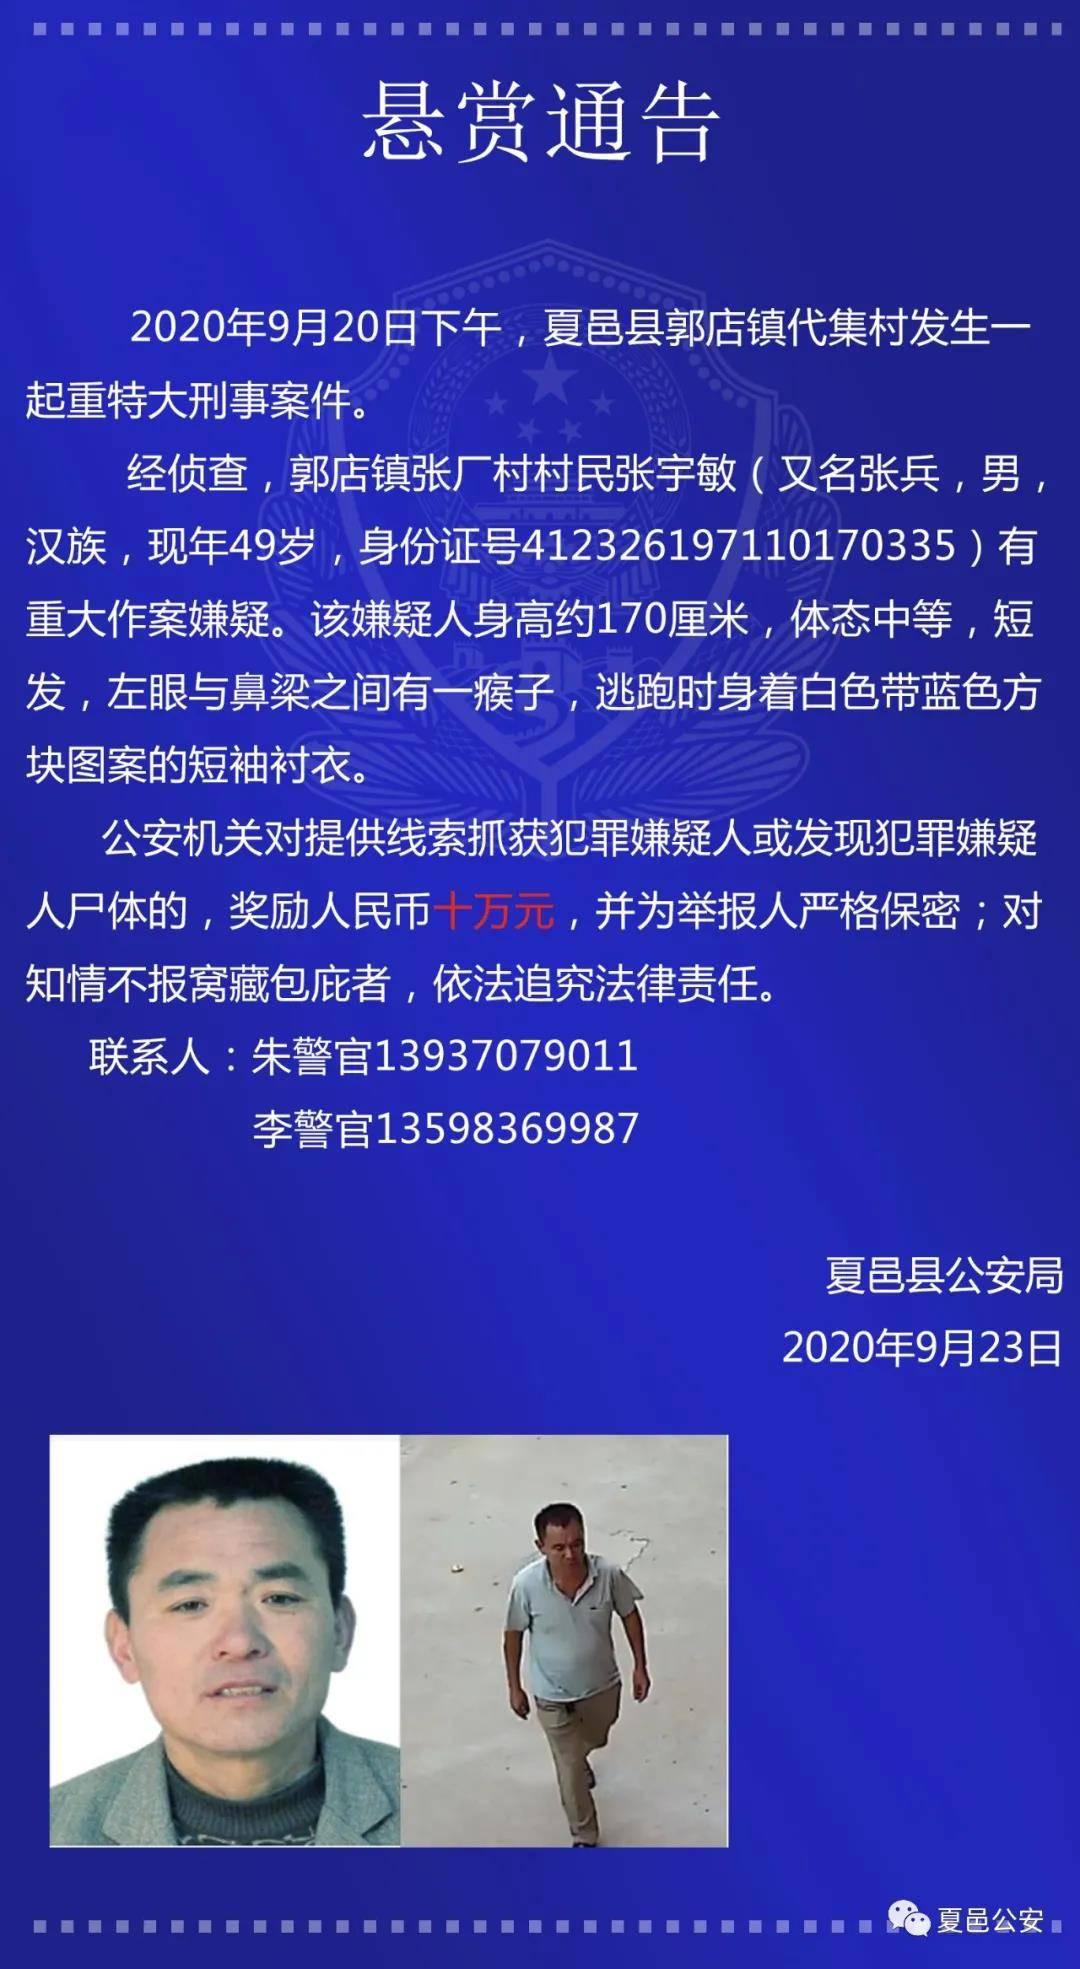 河南商丘一重大刑案嫌犯被抓警方曾悬赏10万元征集线索